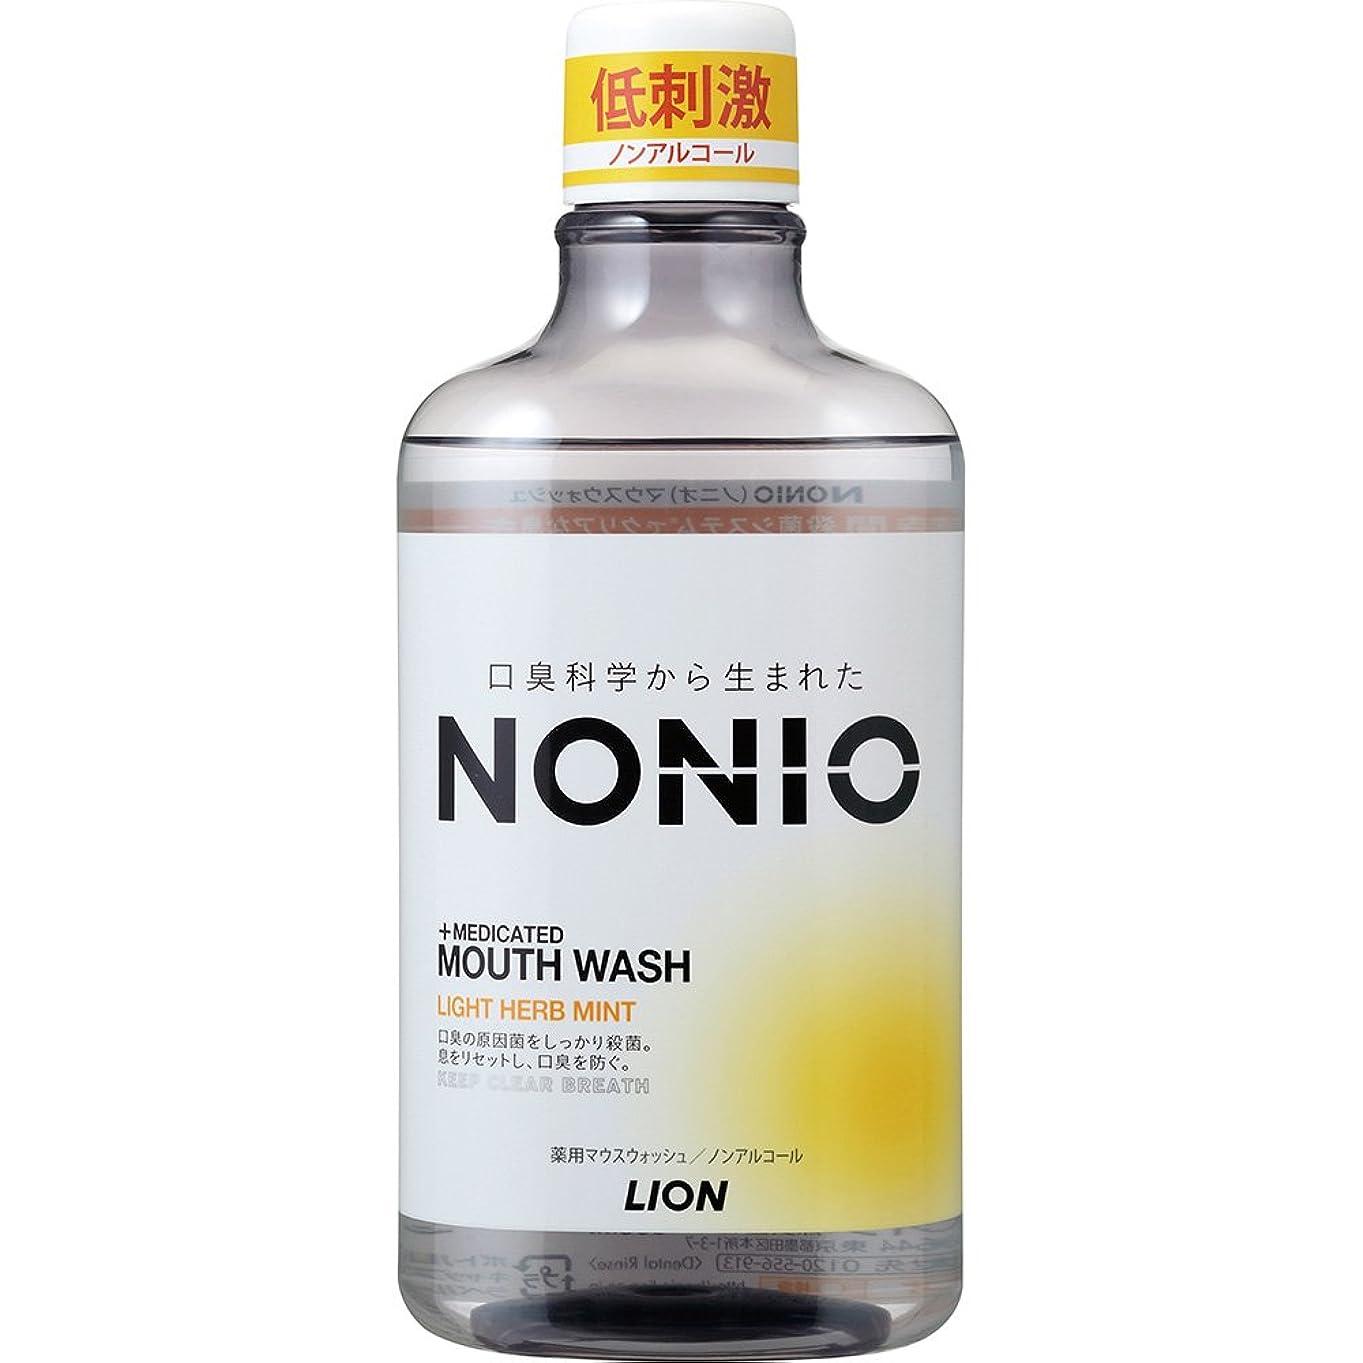 高める繁栄箱[医薬部外品]NONIO マウスウォッシュ ノンアルコール ライトハーブミント 600ml 洗口液